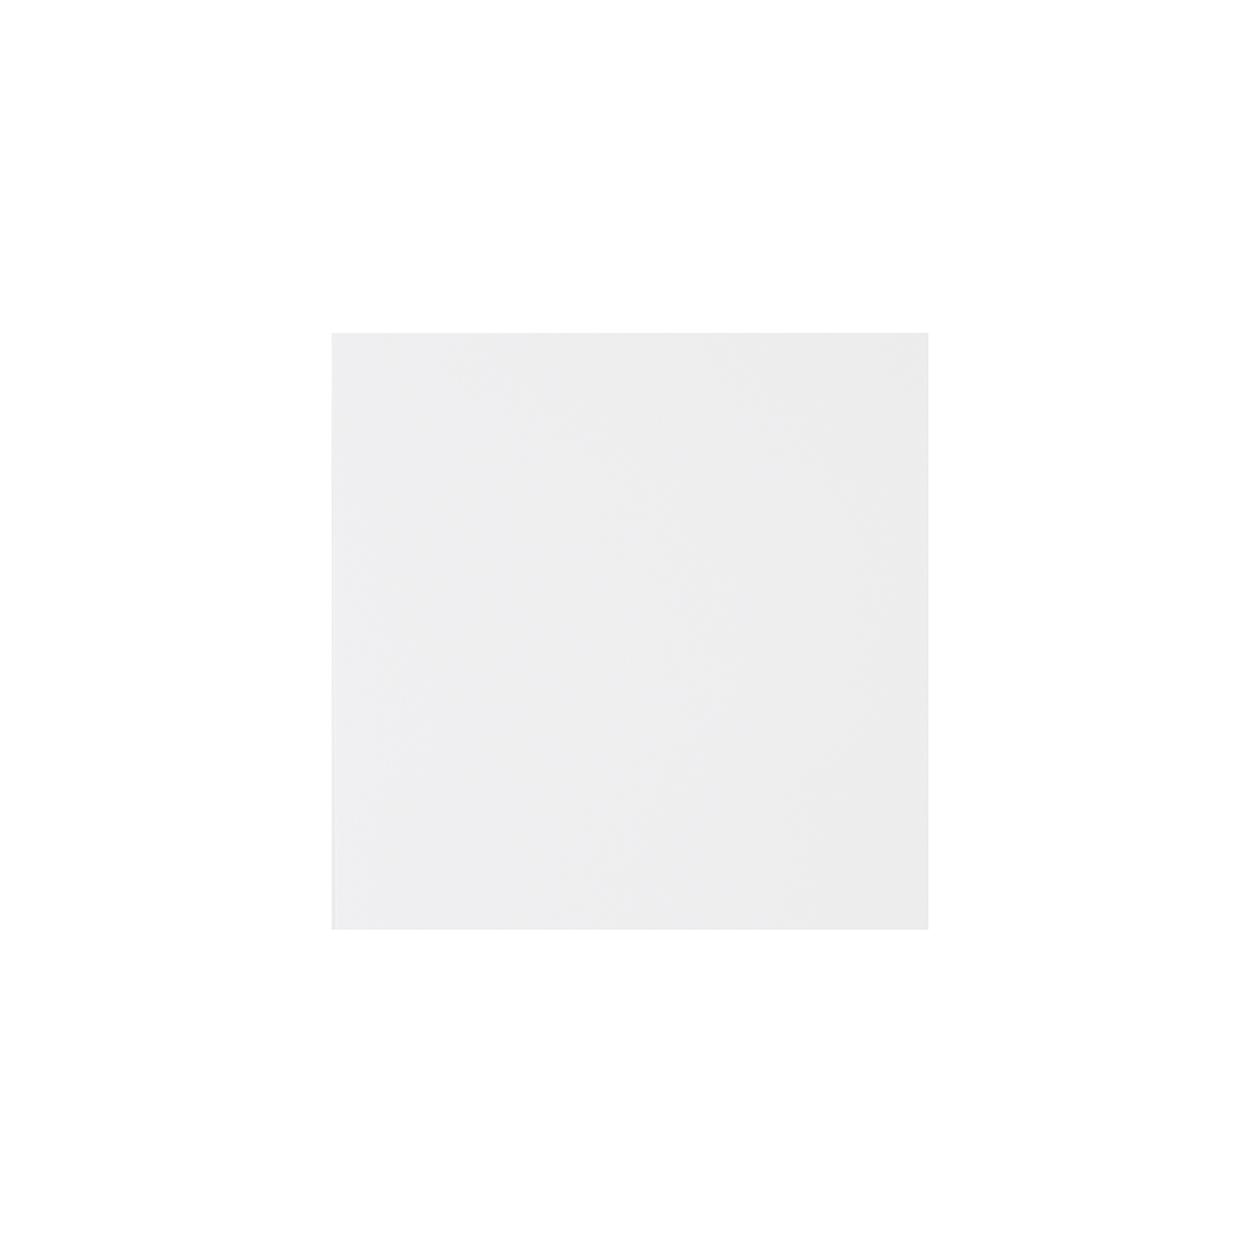 #92カード ミニッツGAあさぎ×プラチナホワイト